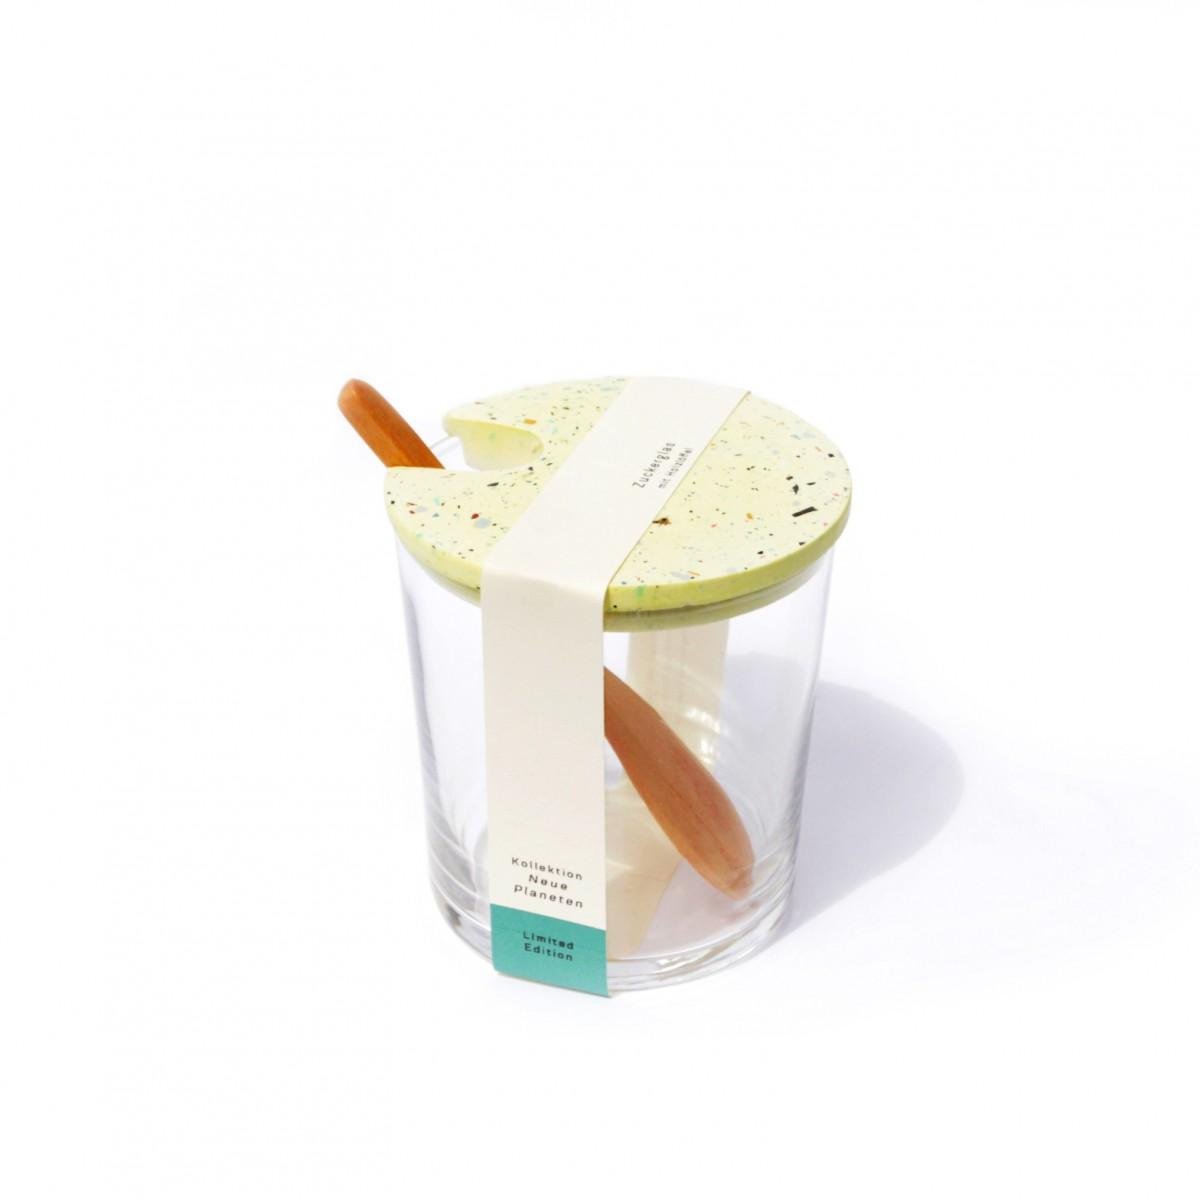 VLO design / Terrazzo Großes Glas mit Holzlöffel & gelbem Deckel